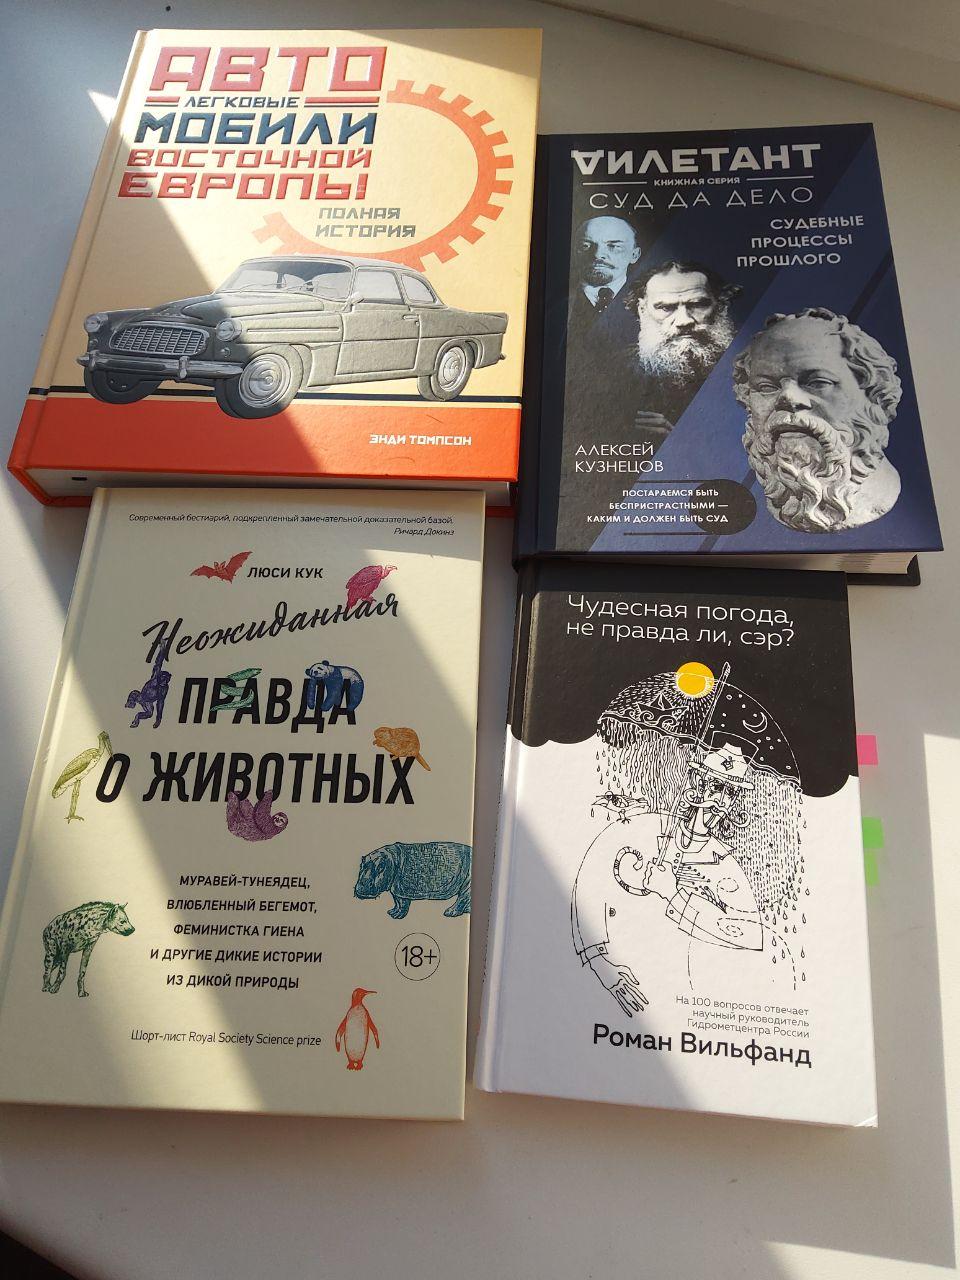 Несколько идей подарочных книг. Во-первых, книга Вильфанда из Гидрометцентра...